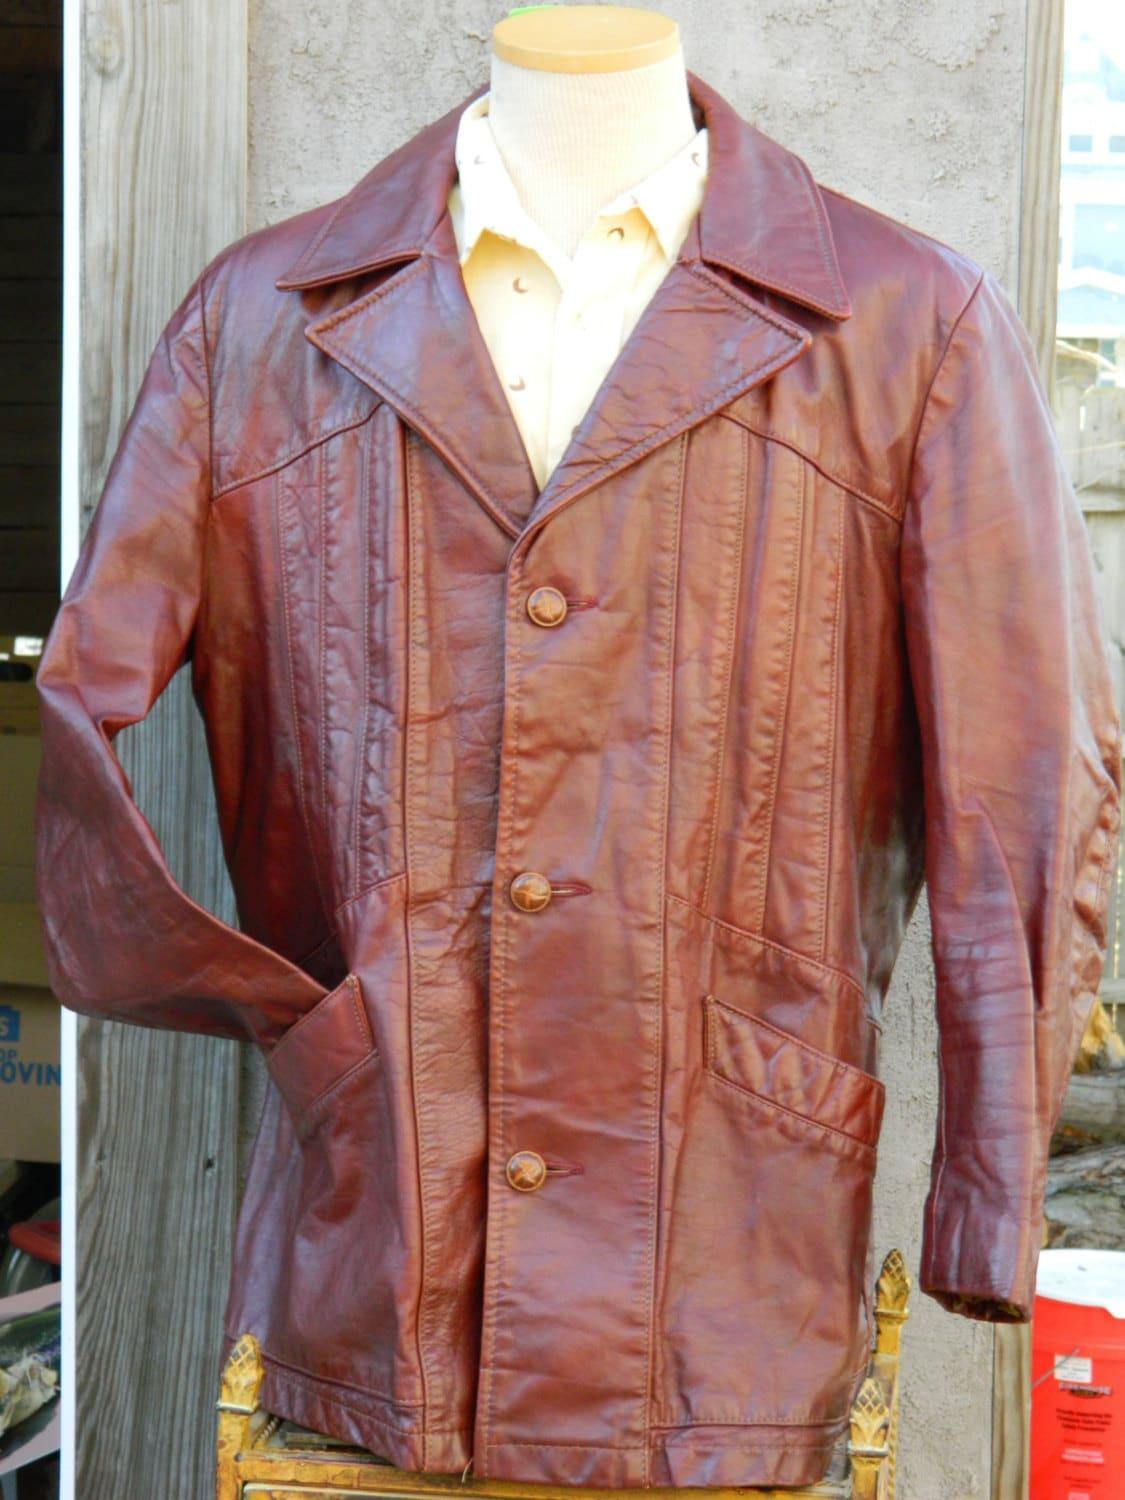 1970s leather jacket